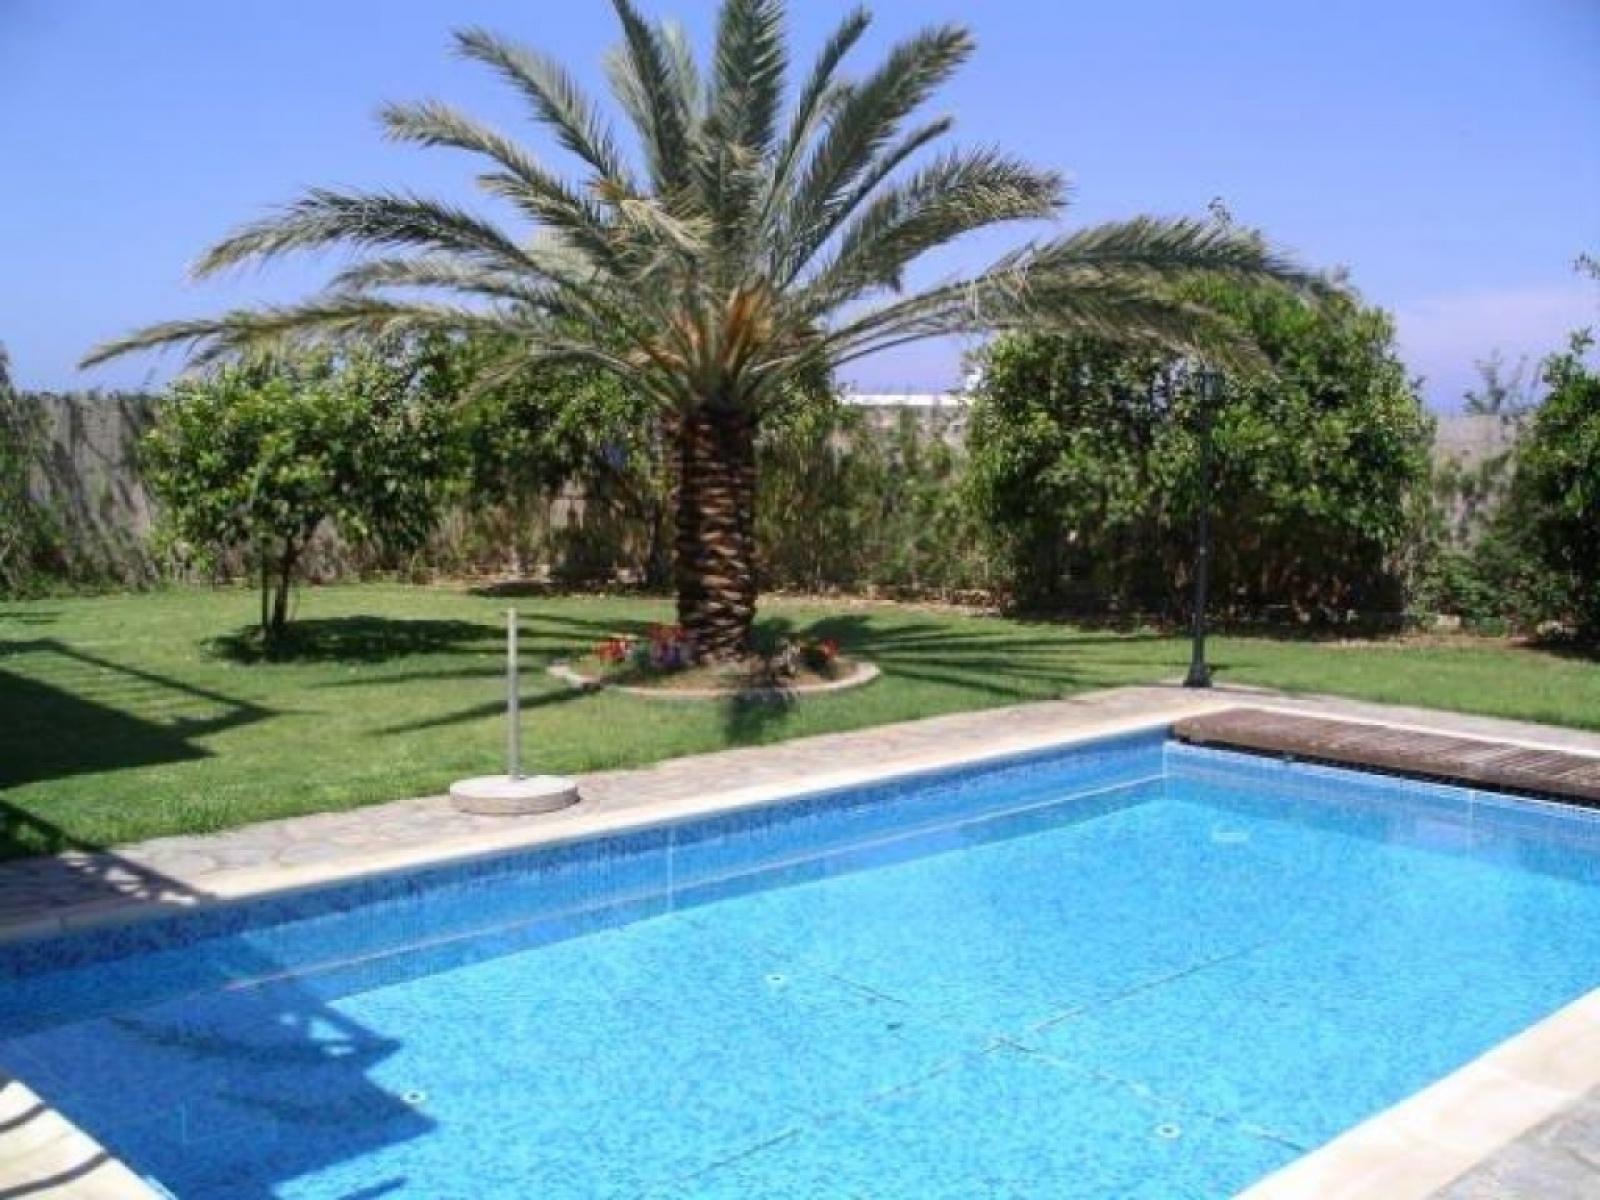 Residential Villa - New Dimata Villa For Sale